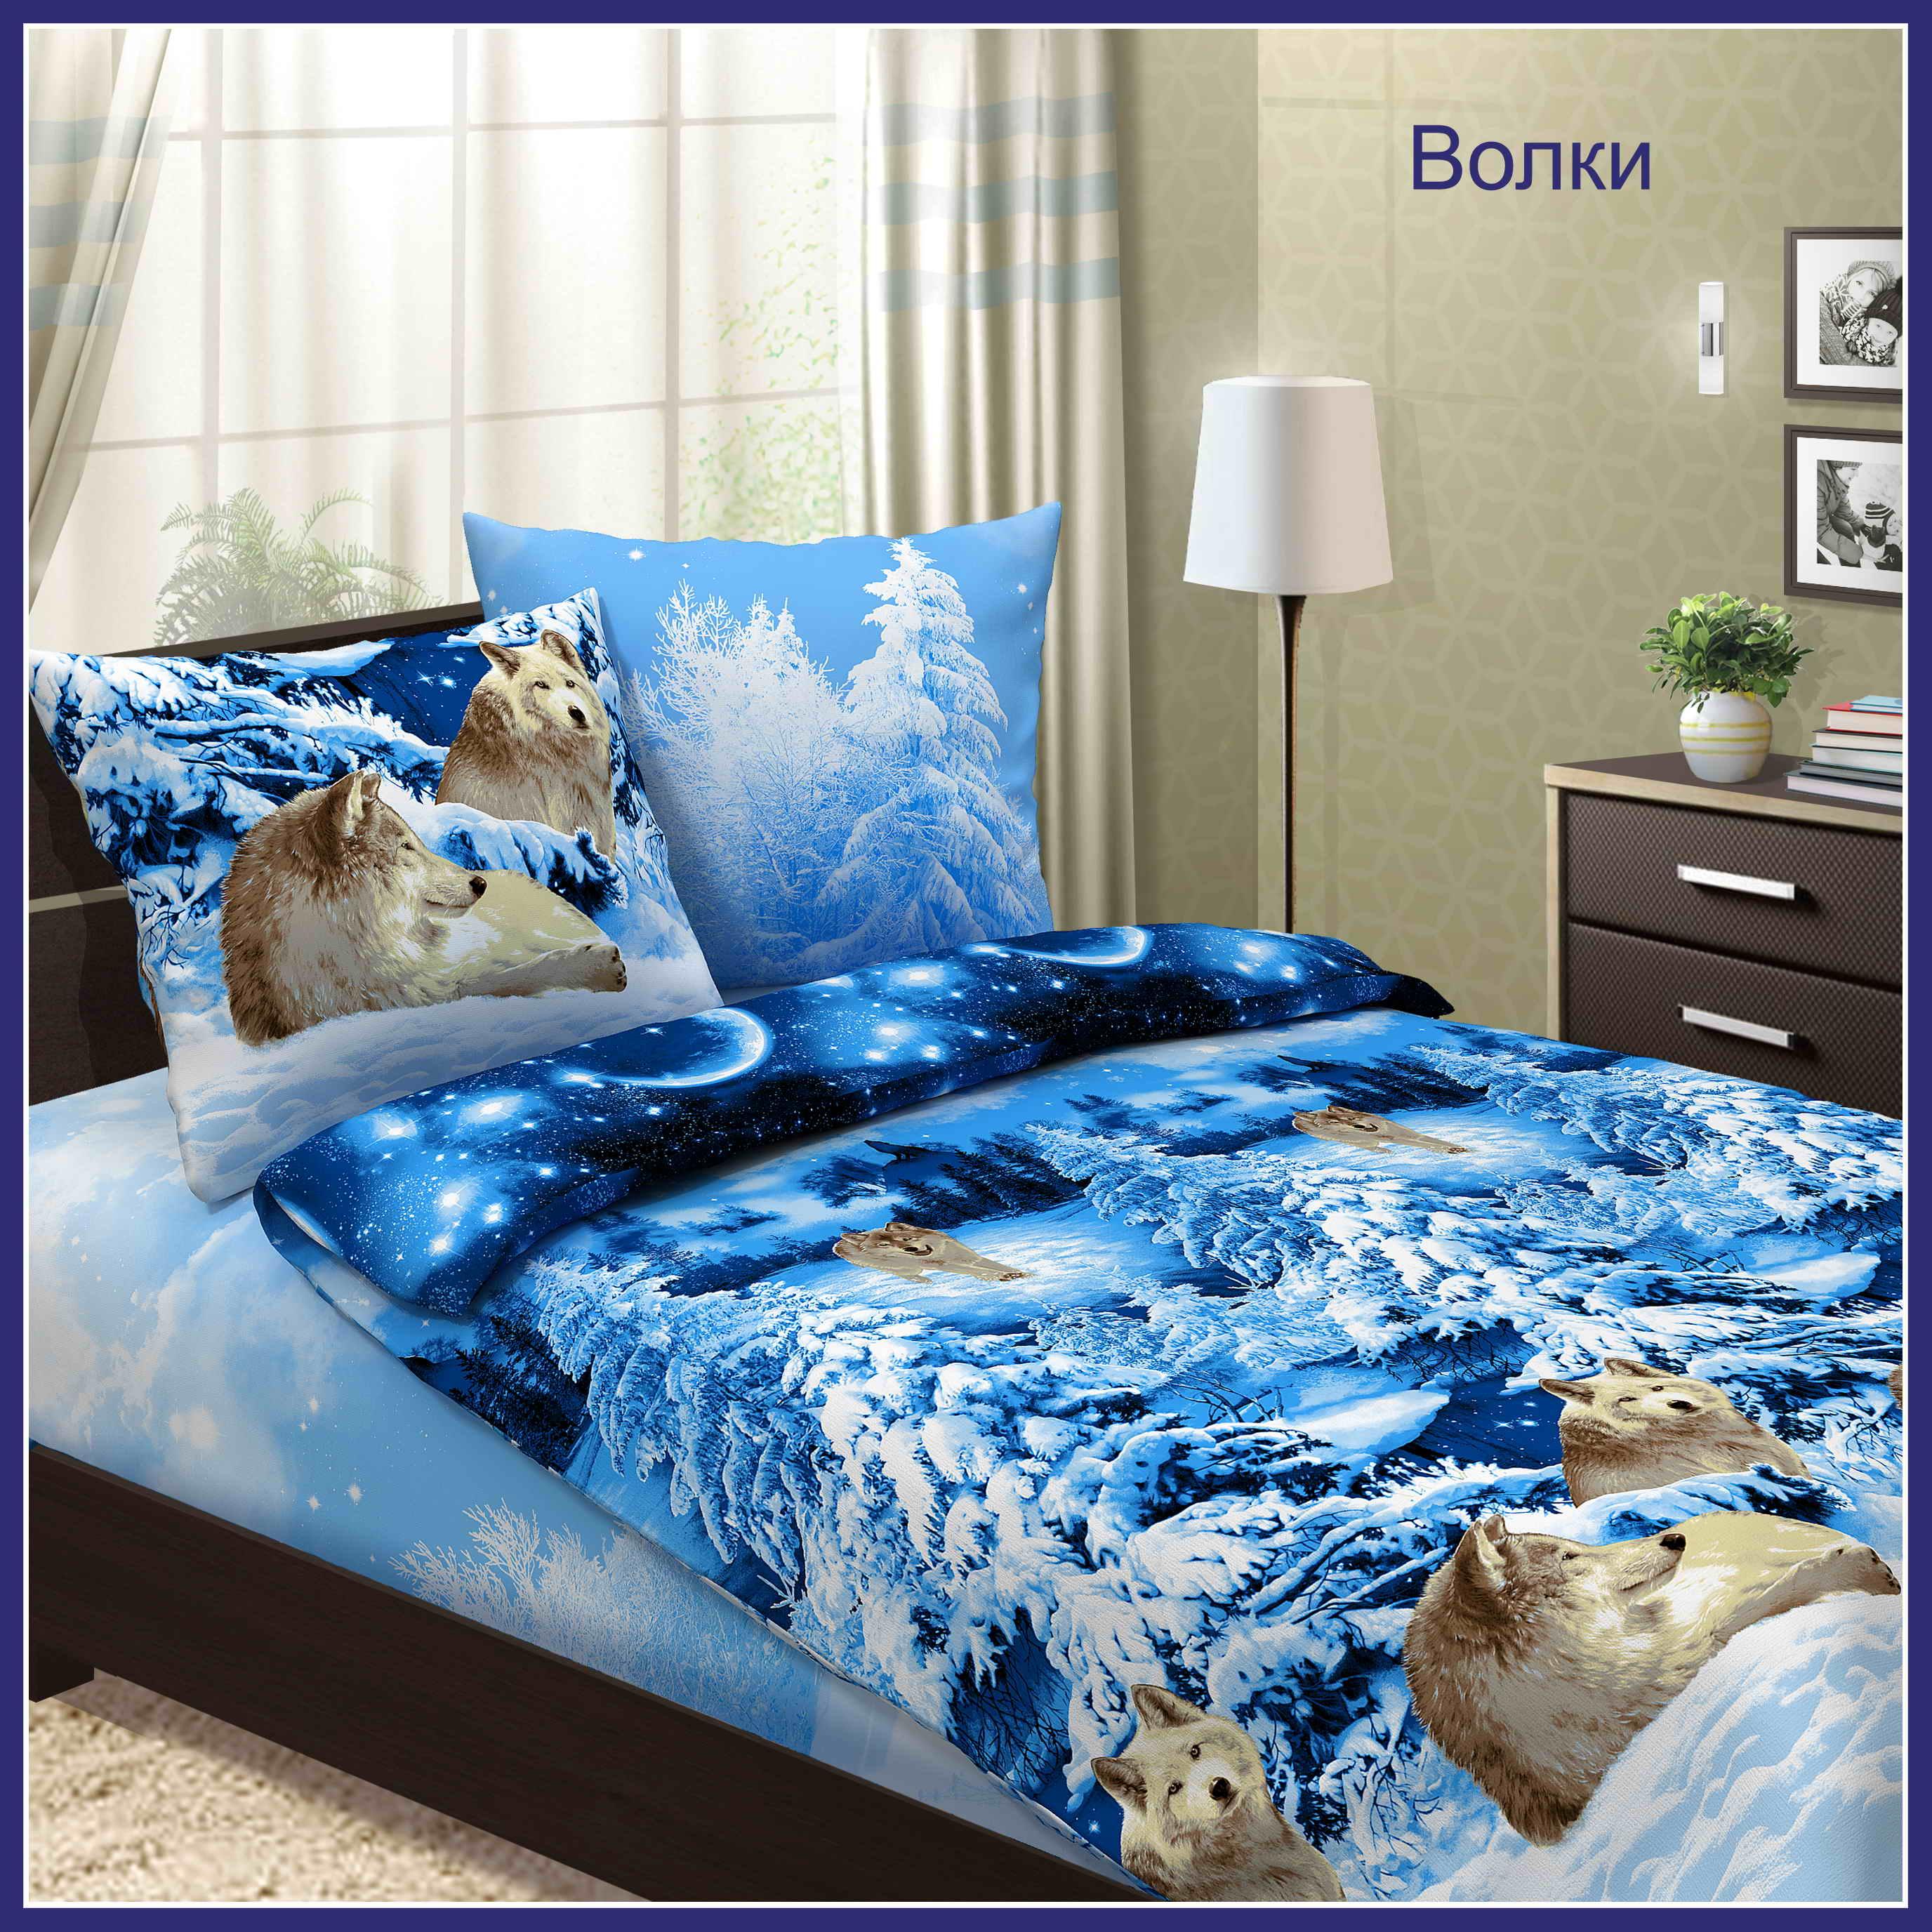 КПБ Волки, размер 2,0-спальный кпб сити в коричневом размер 2 0 спальный